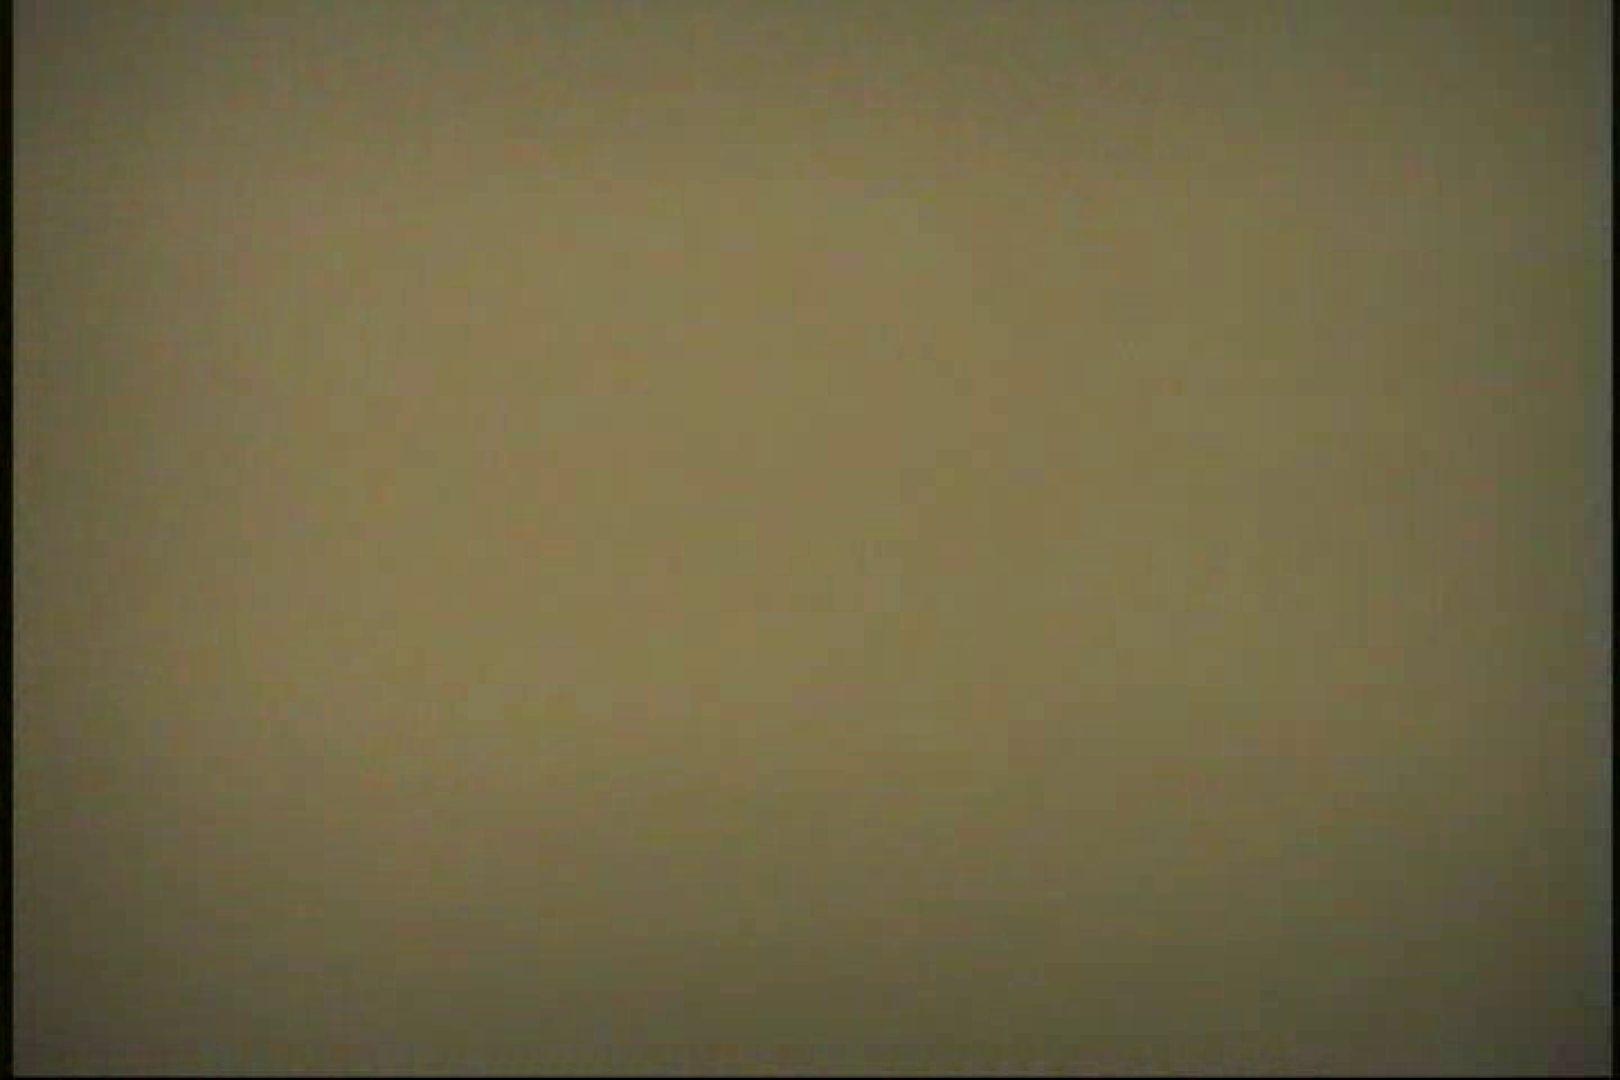 いっくんの調教シリーズ「未亡人みずほ27歳市役所職員」Vol.7 ワルノリ   ローター  70画像 40